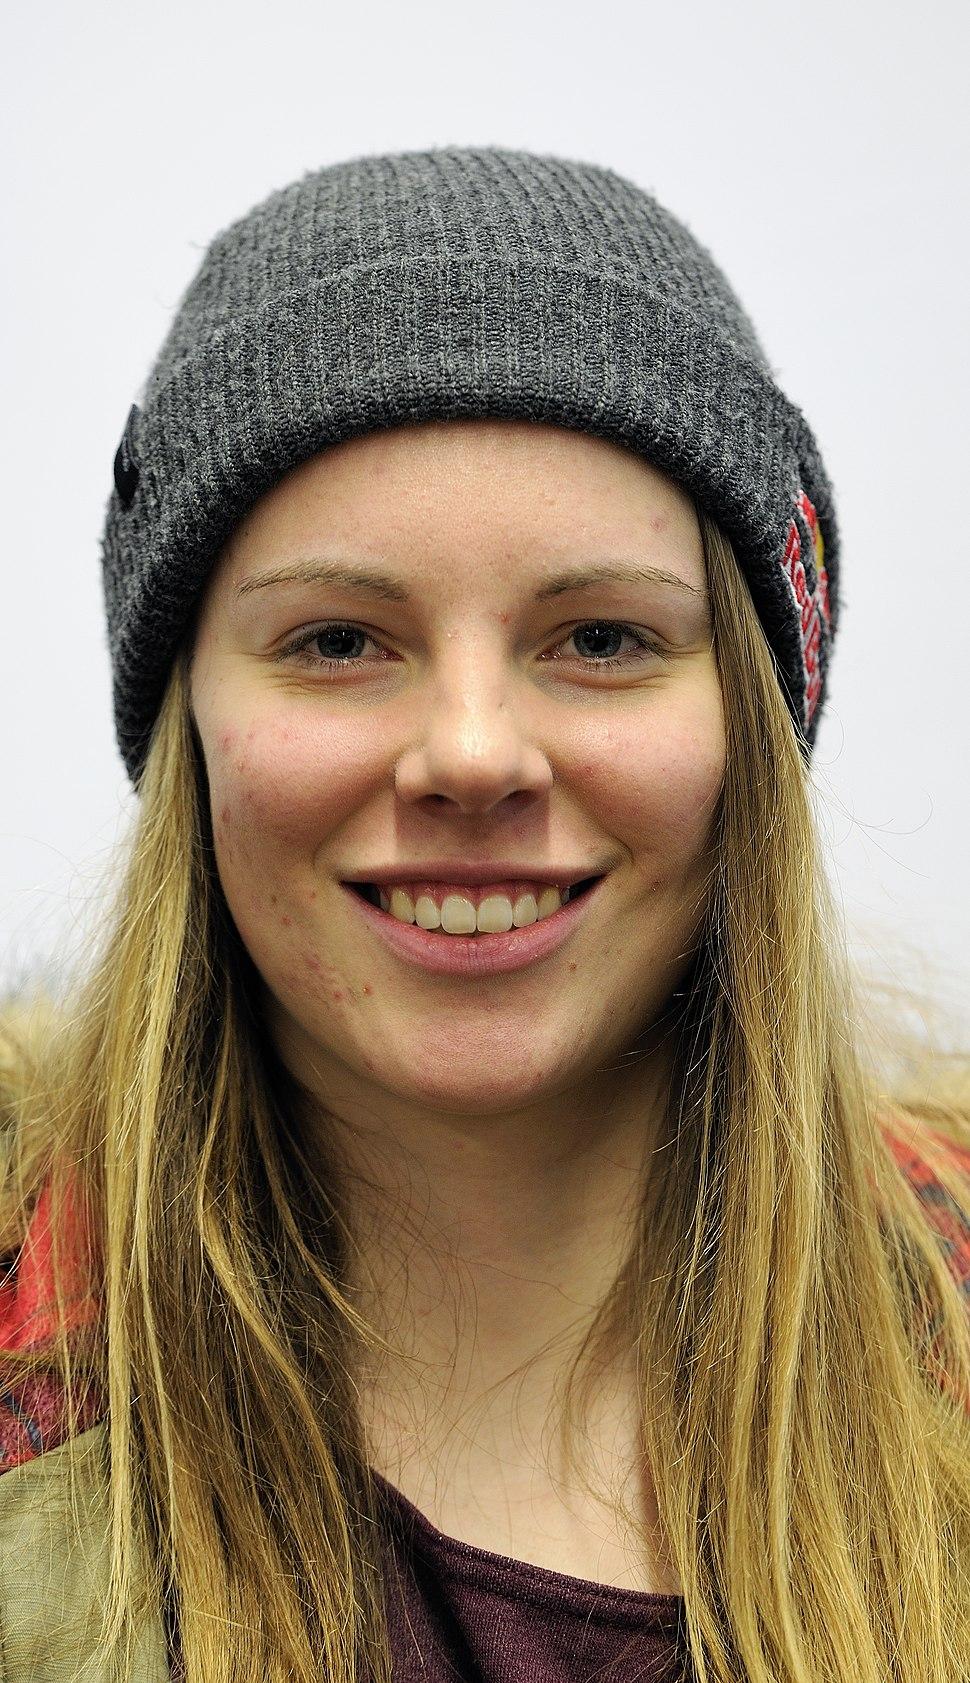 Lisa Zimmermann bei der Olympia-Einkleidung Erding 2014 (Martin Rulsch) 06